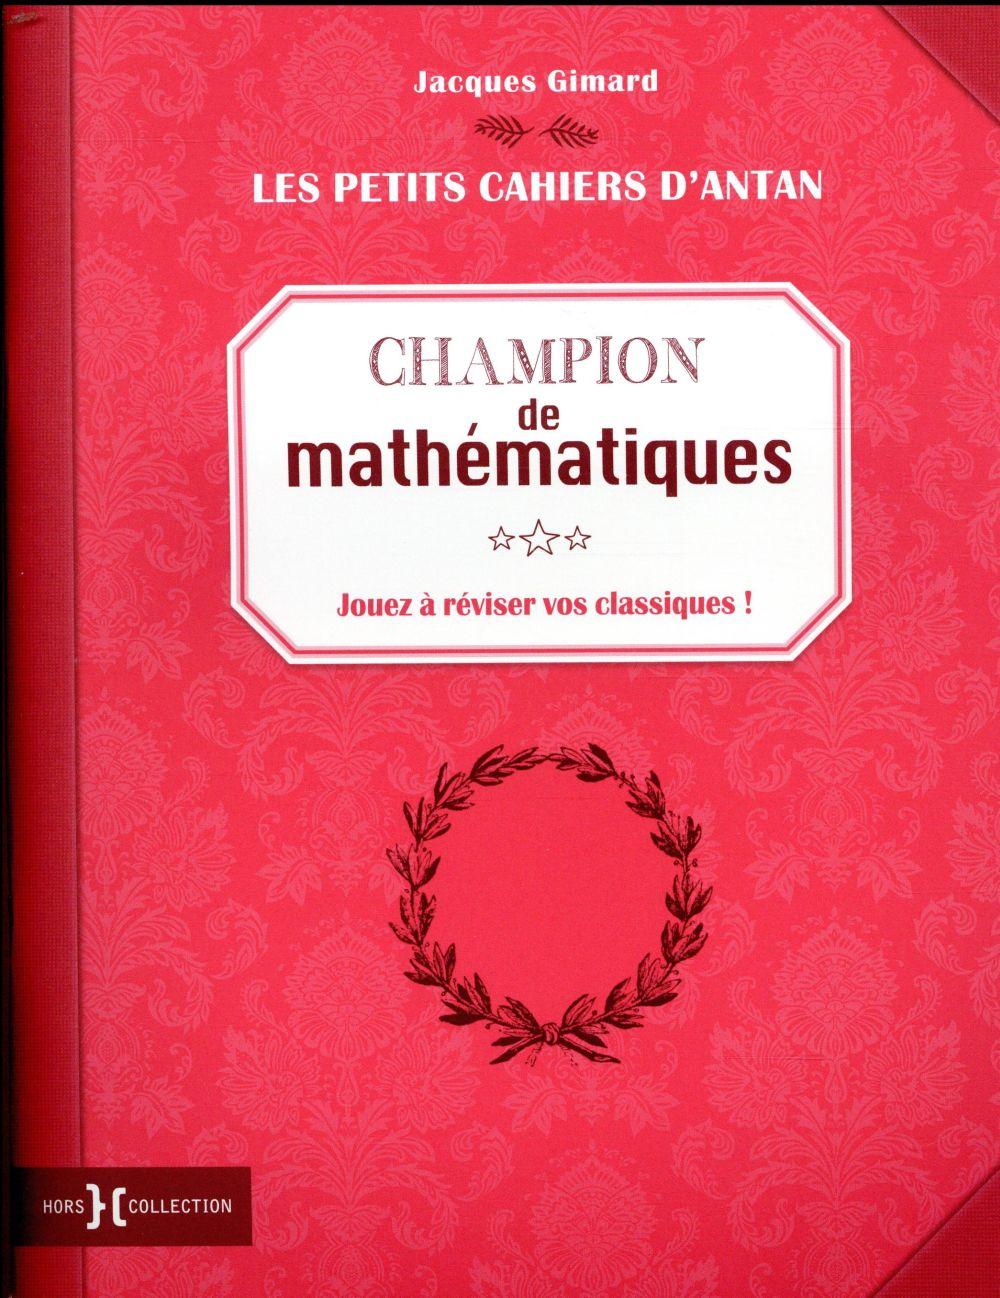 PETIT CAHIER CHAMPION DE MATHEMATIQUES GIMARD JACQUES PRESSES CITE